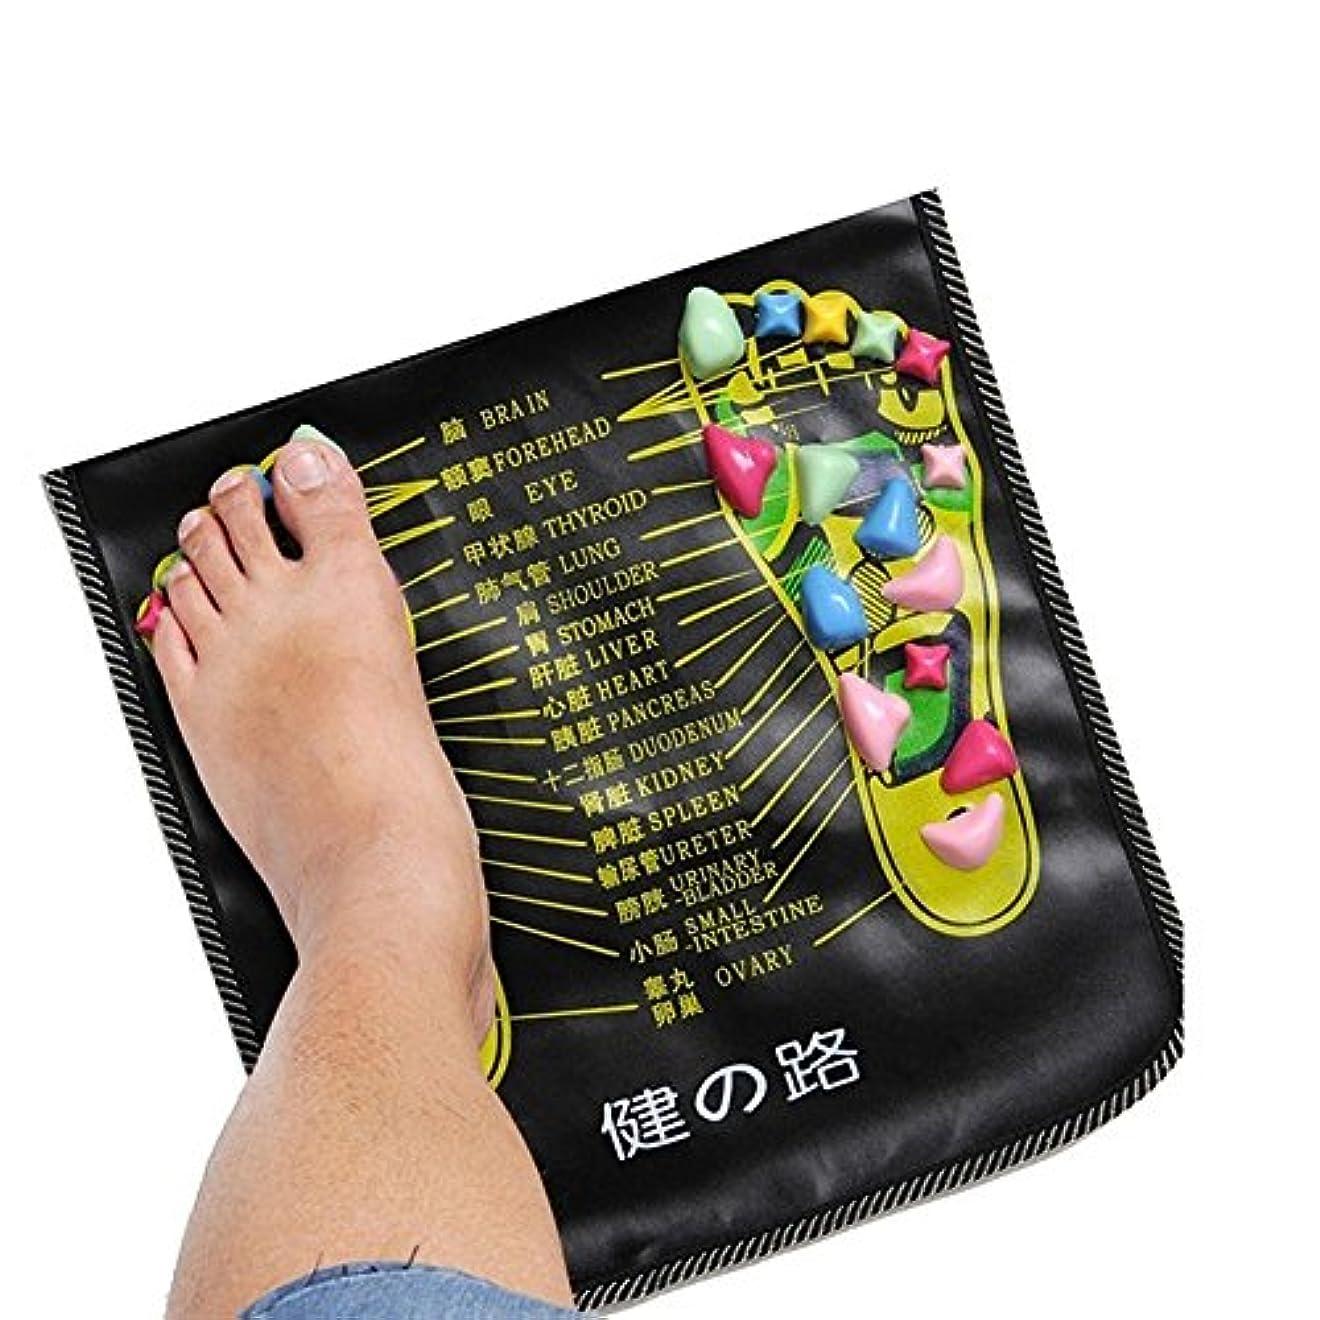 地下鉄バーキロメートルbjduck92.7m Massager Mat Reflexology Walk Stone Pain Relieve Leg Health Care Pad